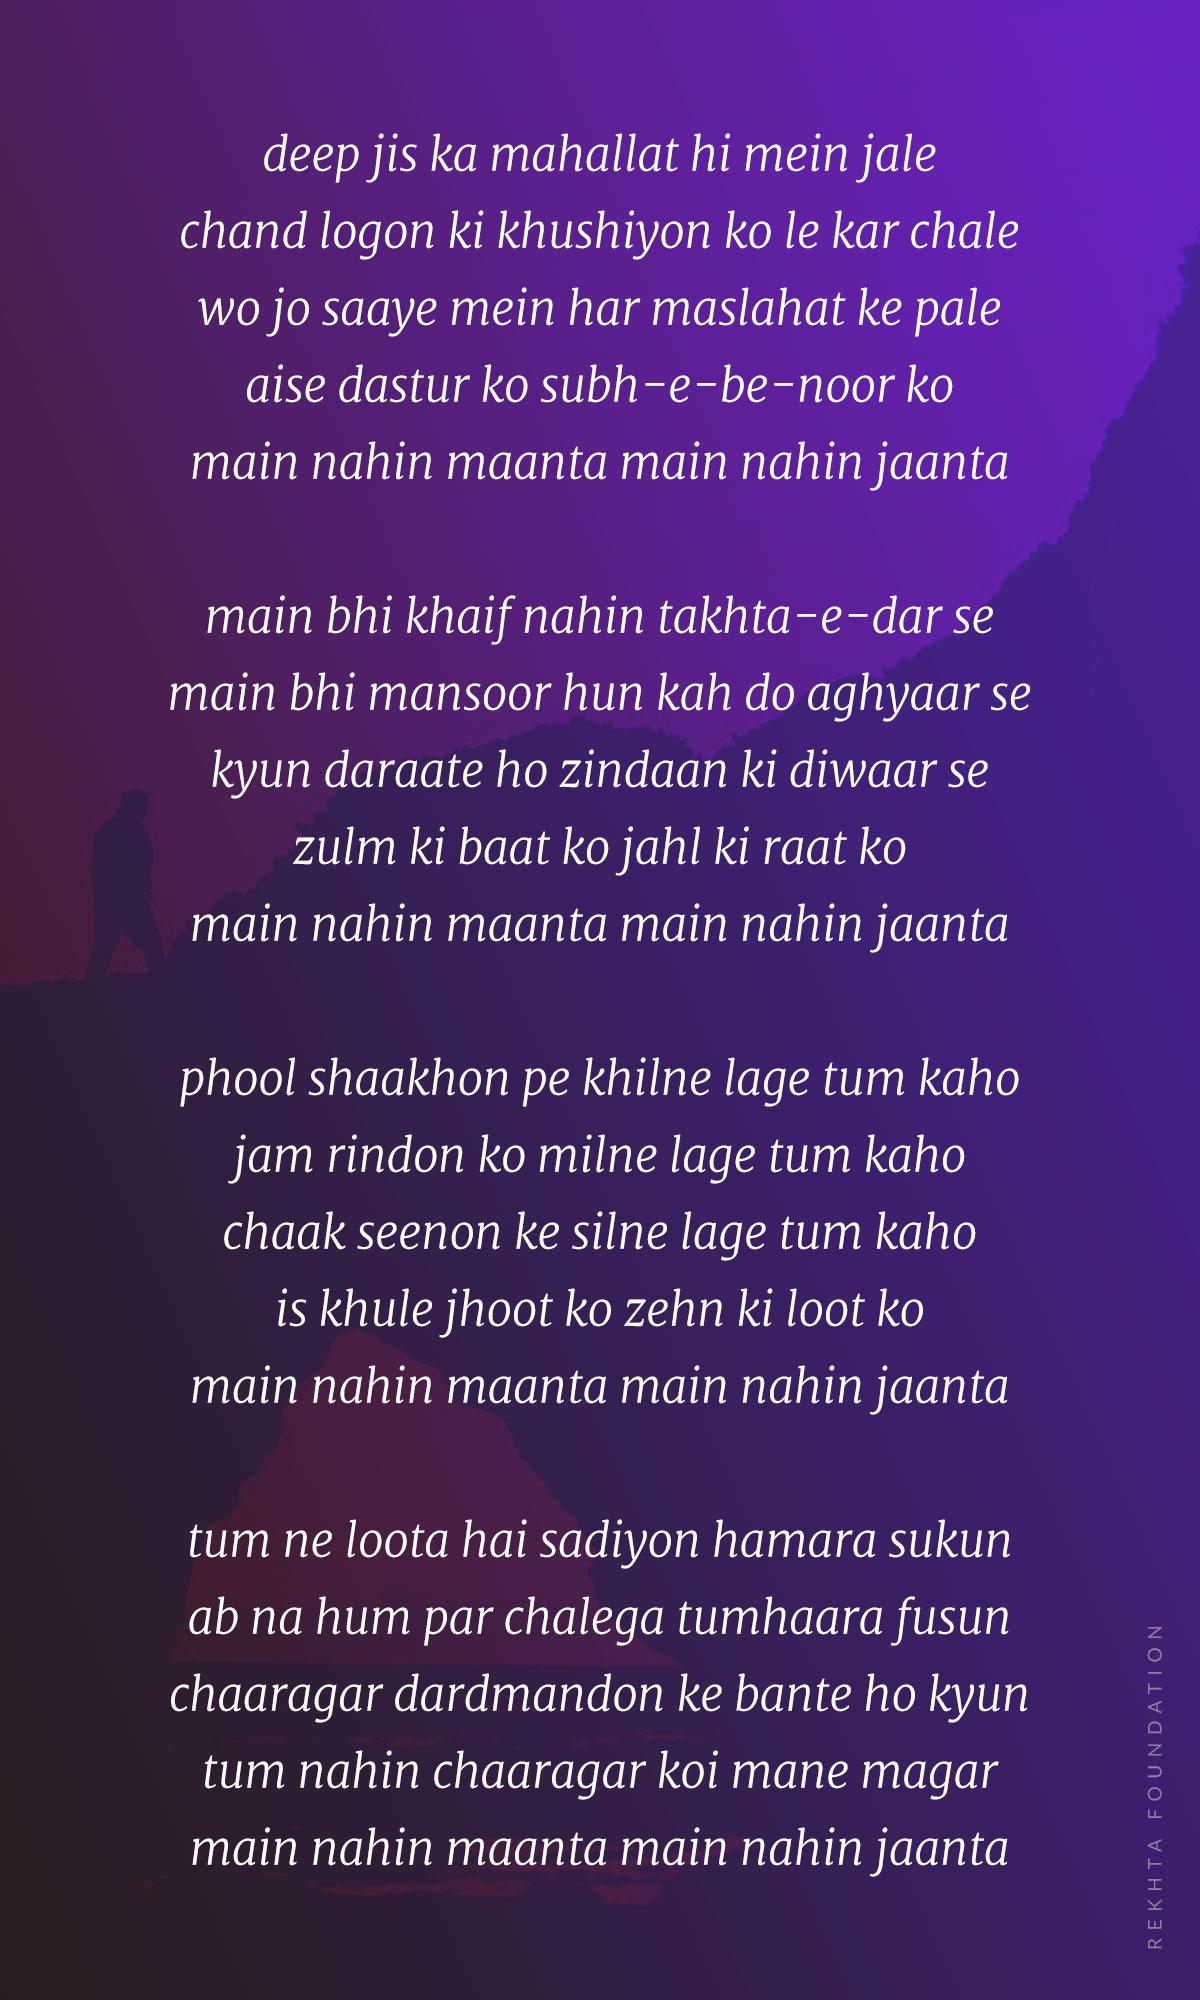 aise dastur ko subh-e-be-nur ko main nahin manta main nahin jaanta